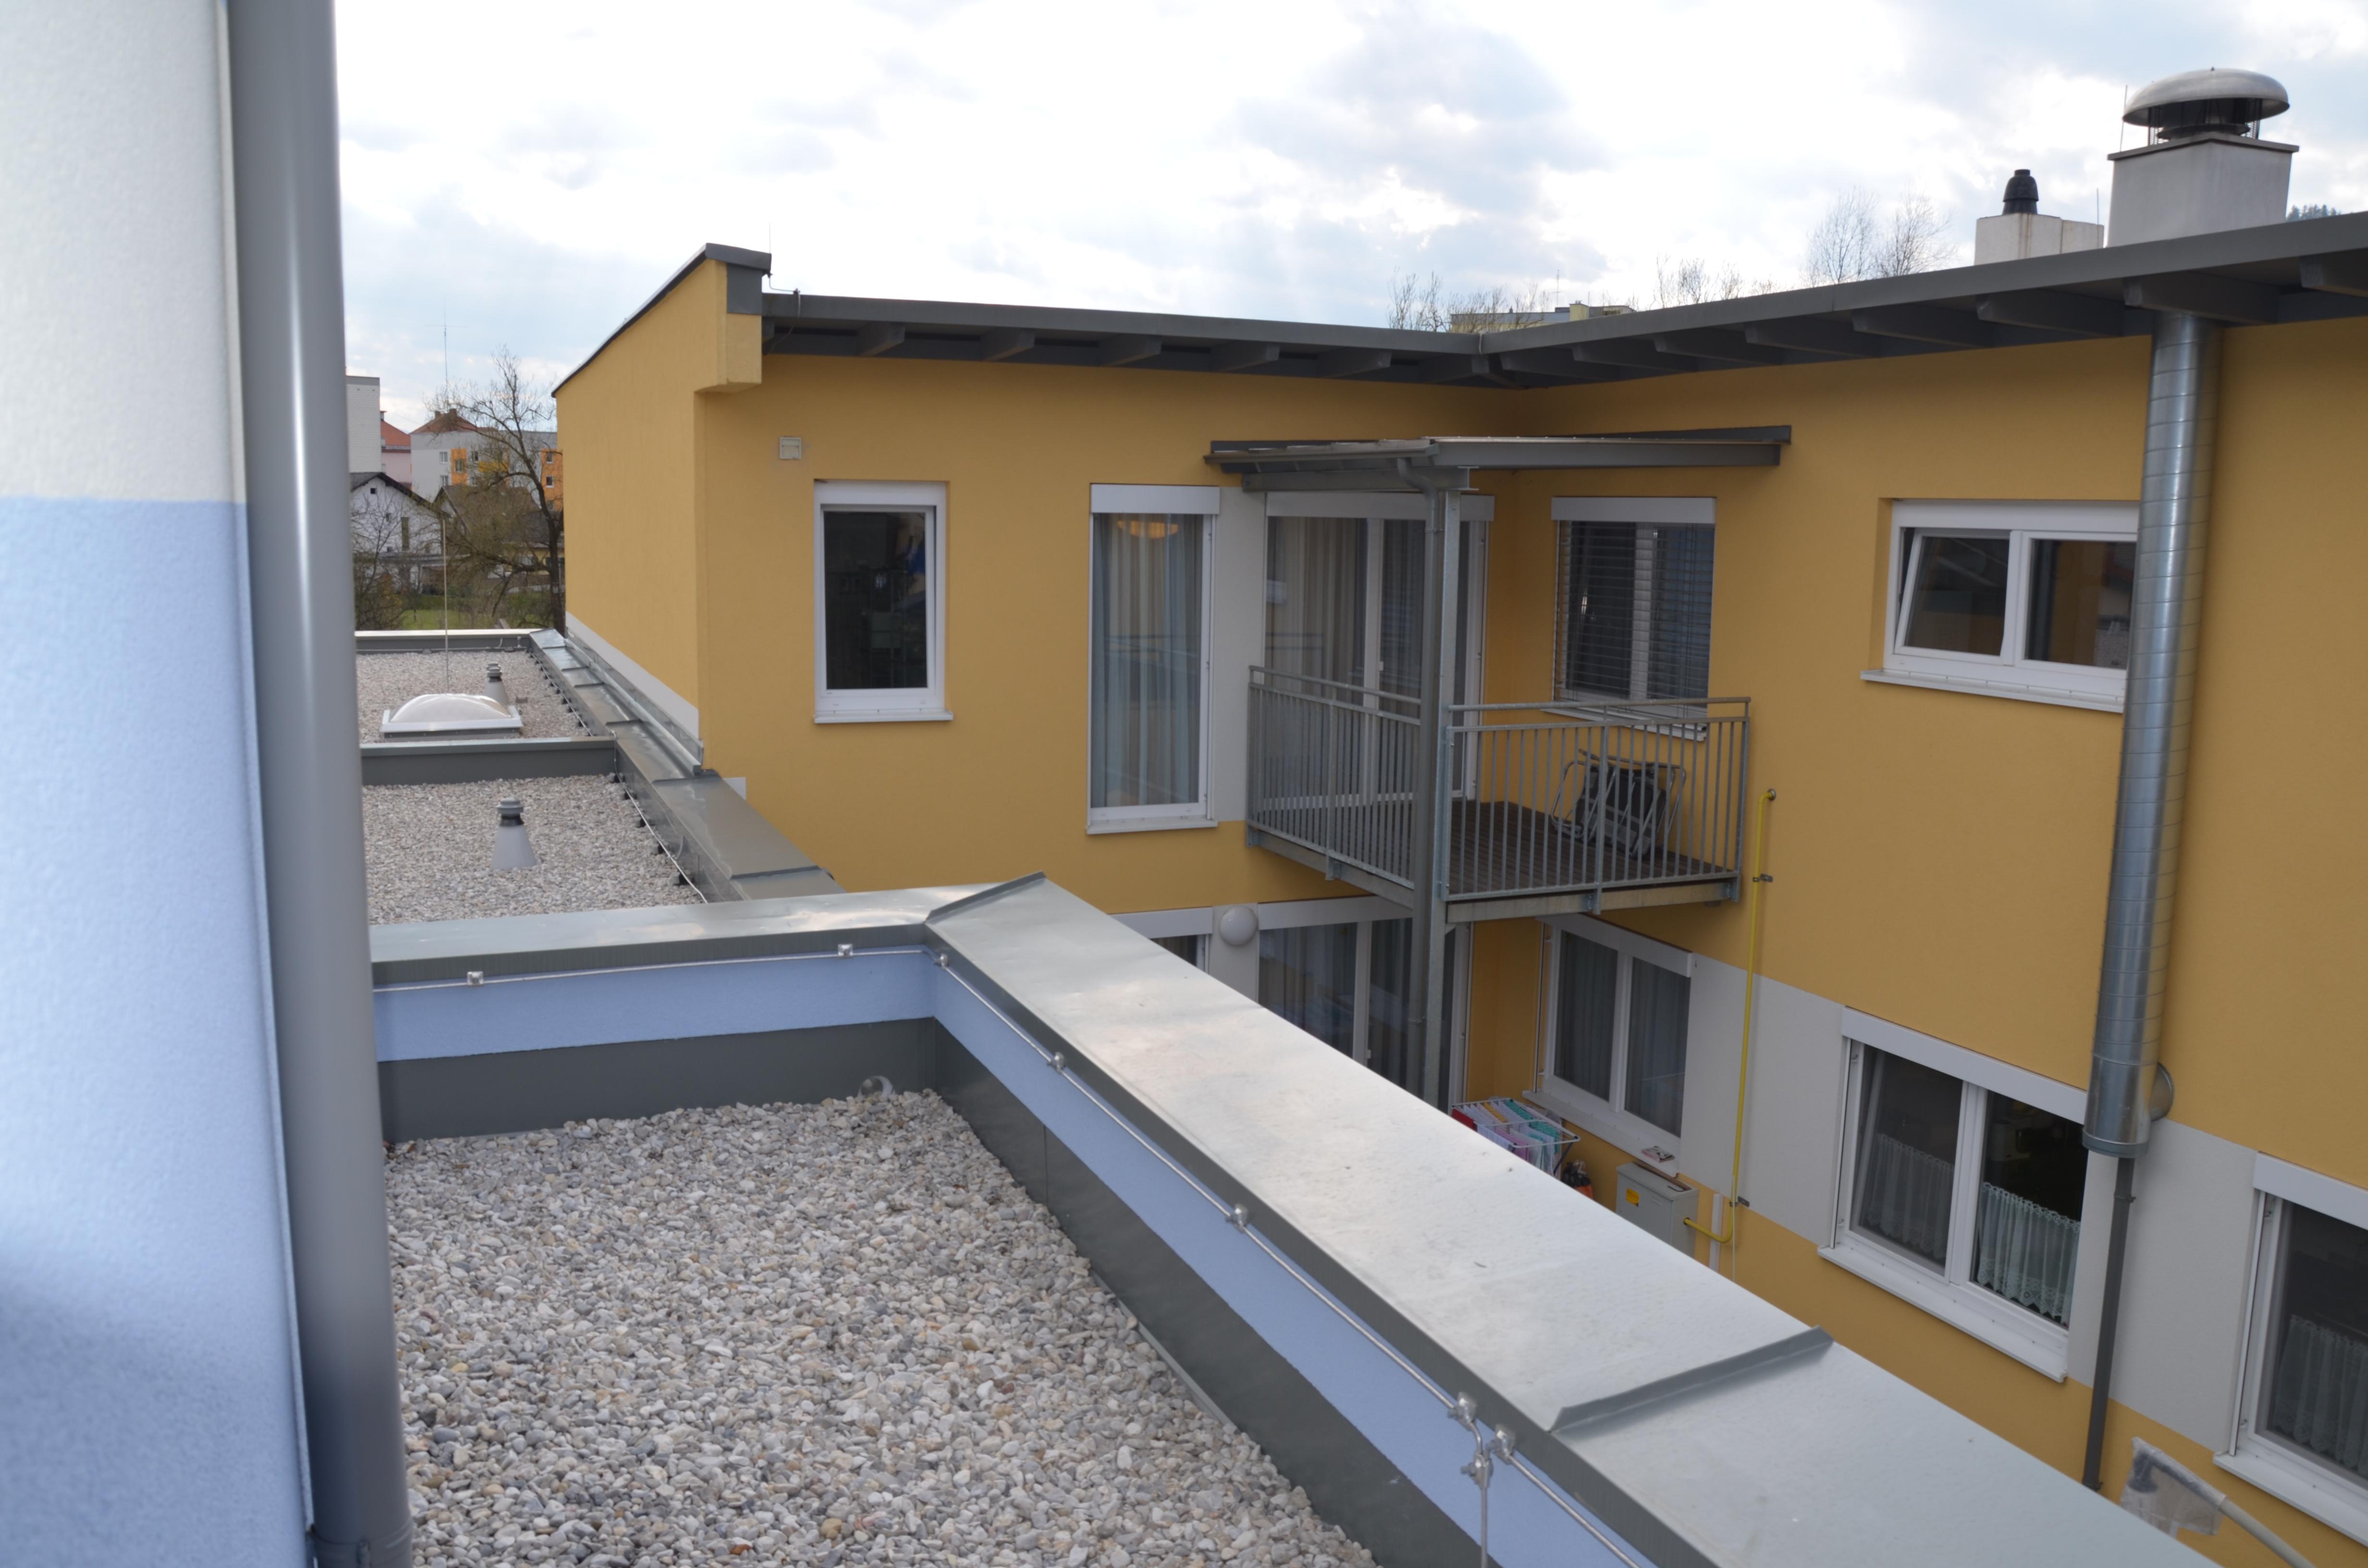 Lebenshilfe Mürztal Wohnhaus, Teichgasse 4, 8650, Austria